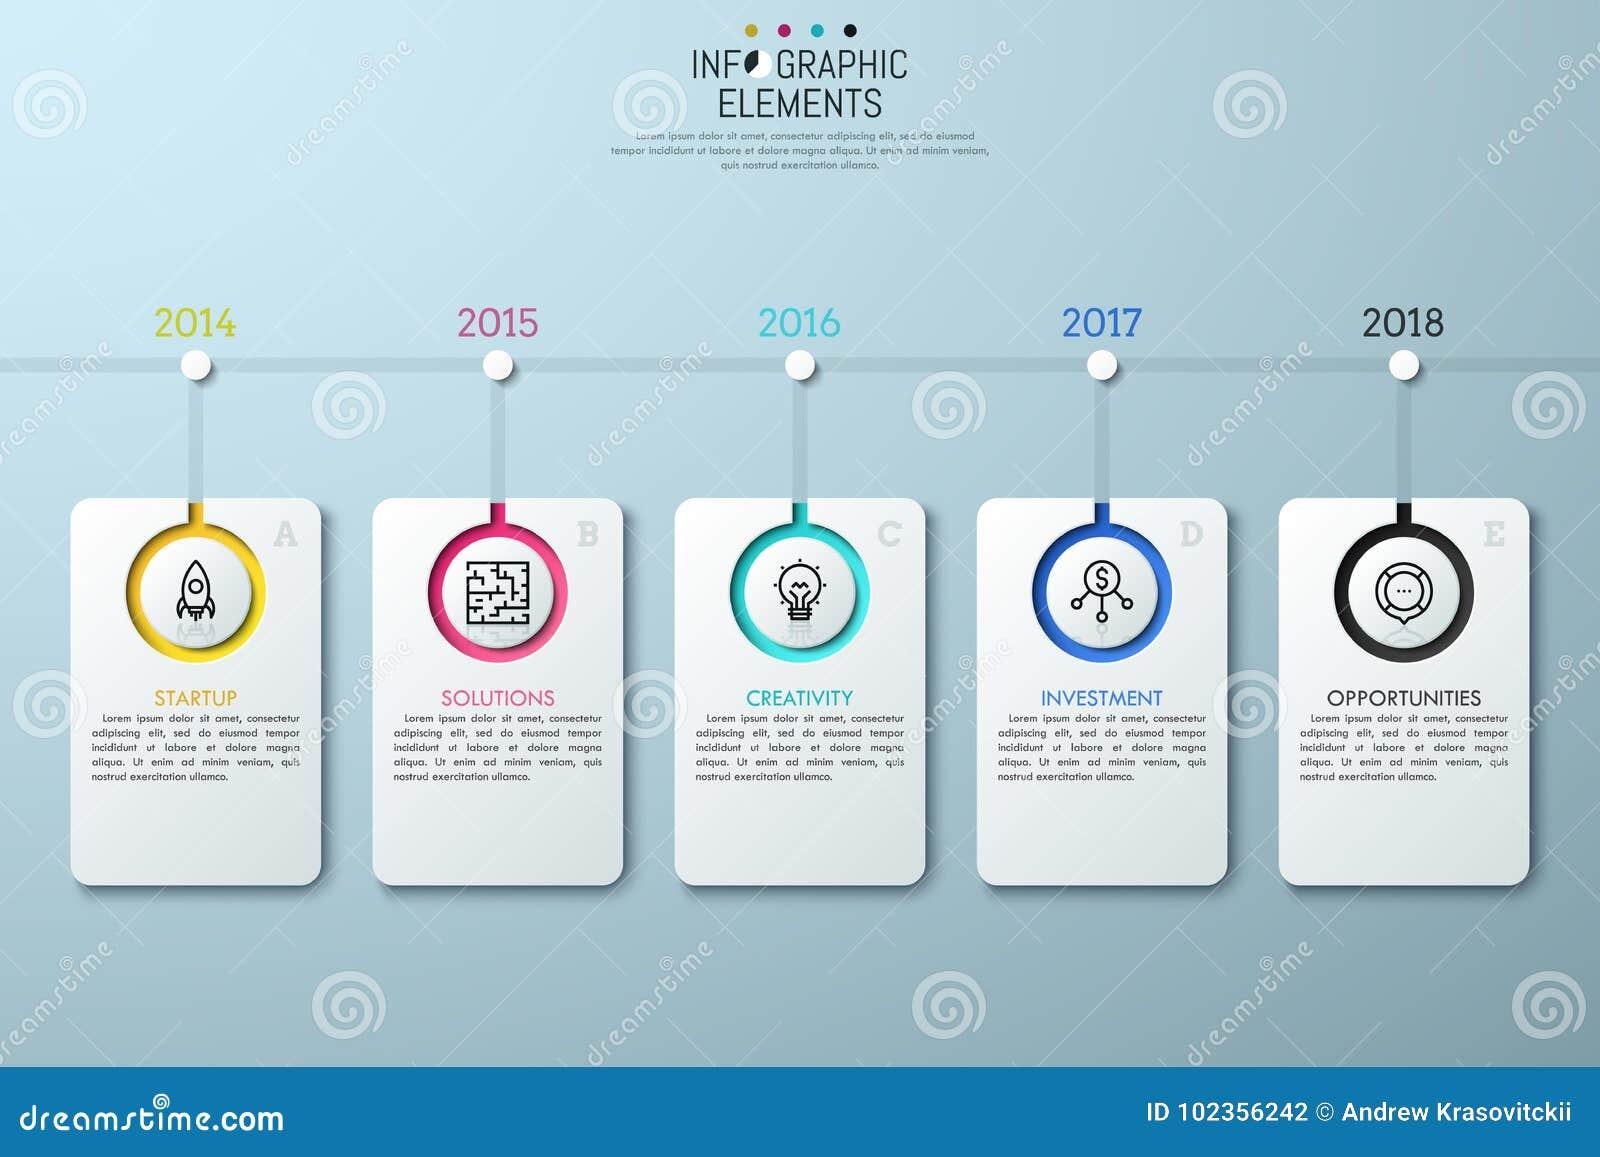 Οριζόντια υπόδειξη ως προς το χρόνο με την ένδειξη έτους